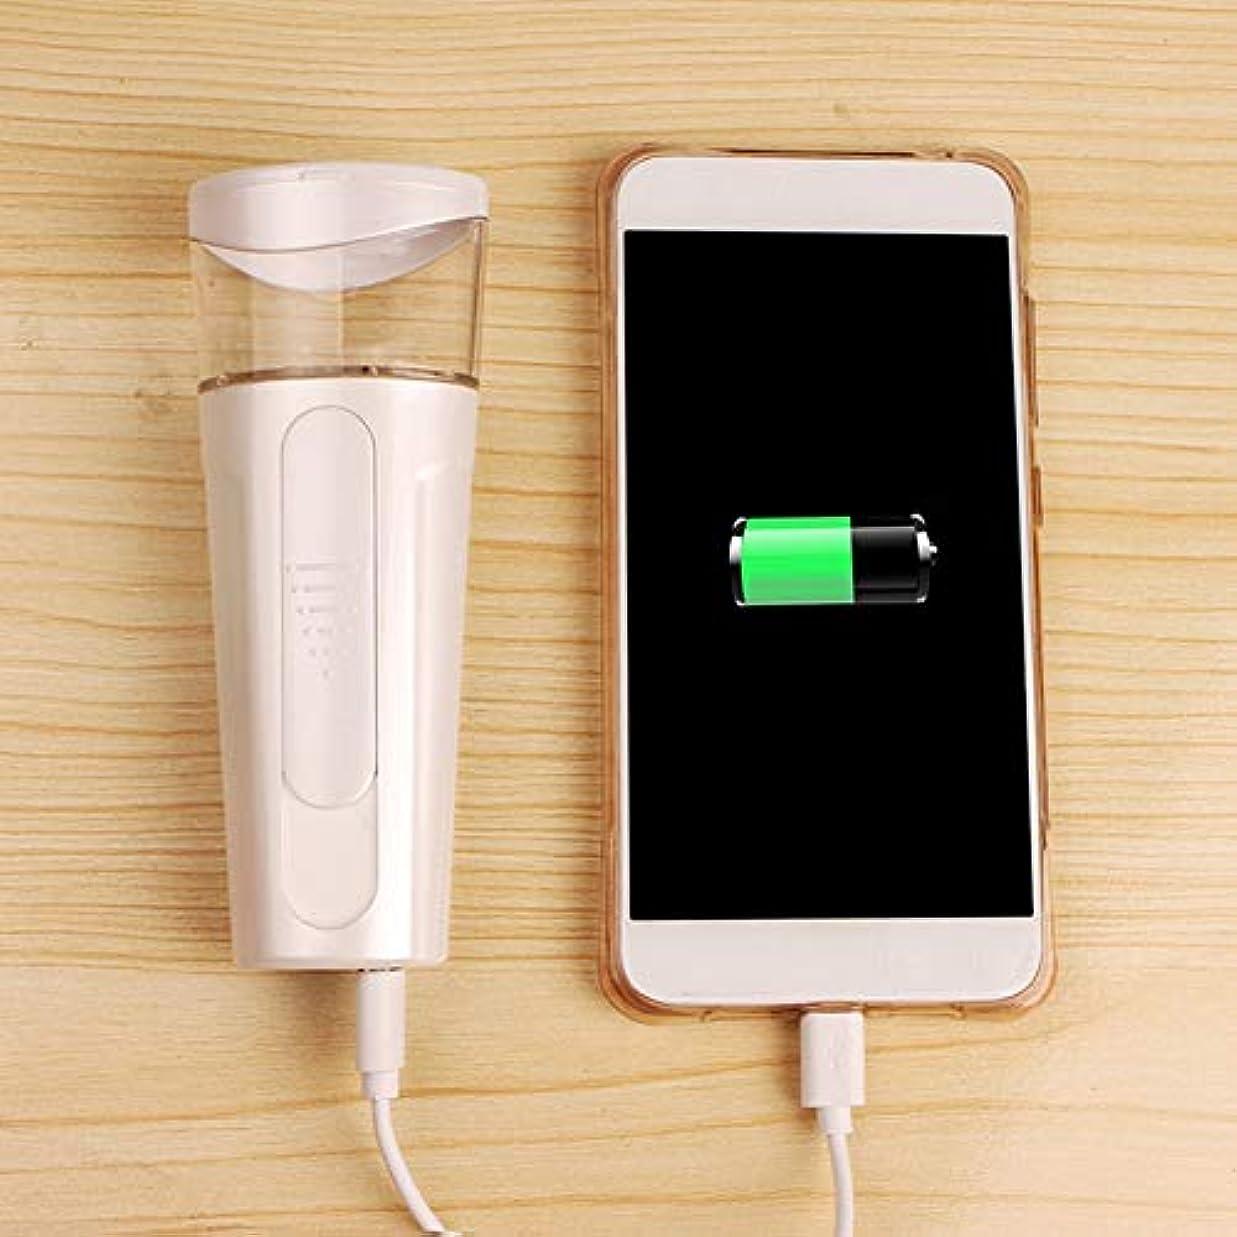 大佐包括的怠惰ナノ保湿スプレー ナノイオン フェイシャルスチーム 深い保湿 スキンケア コールドフォグ 化粧鏡 USB充電 モバイルバッテリー (Color : White)